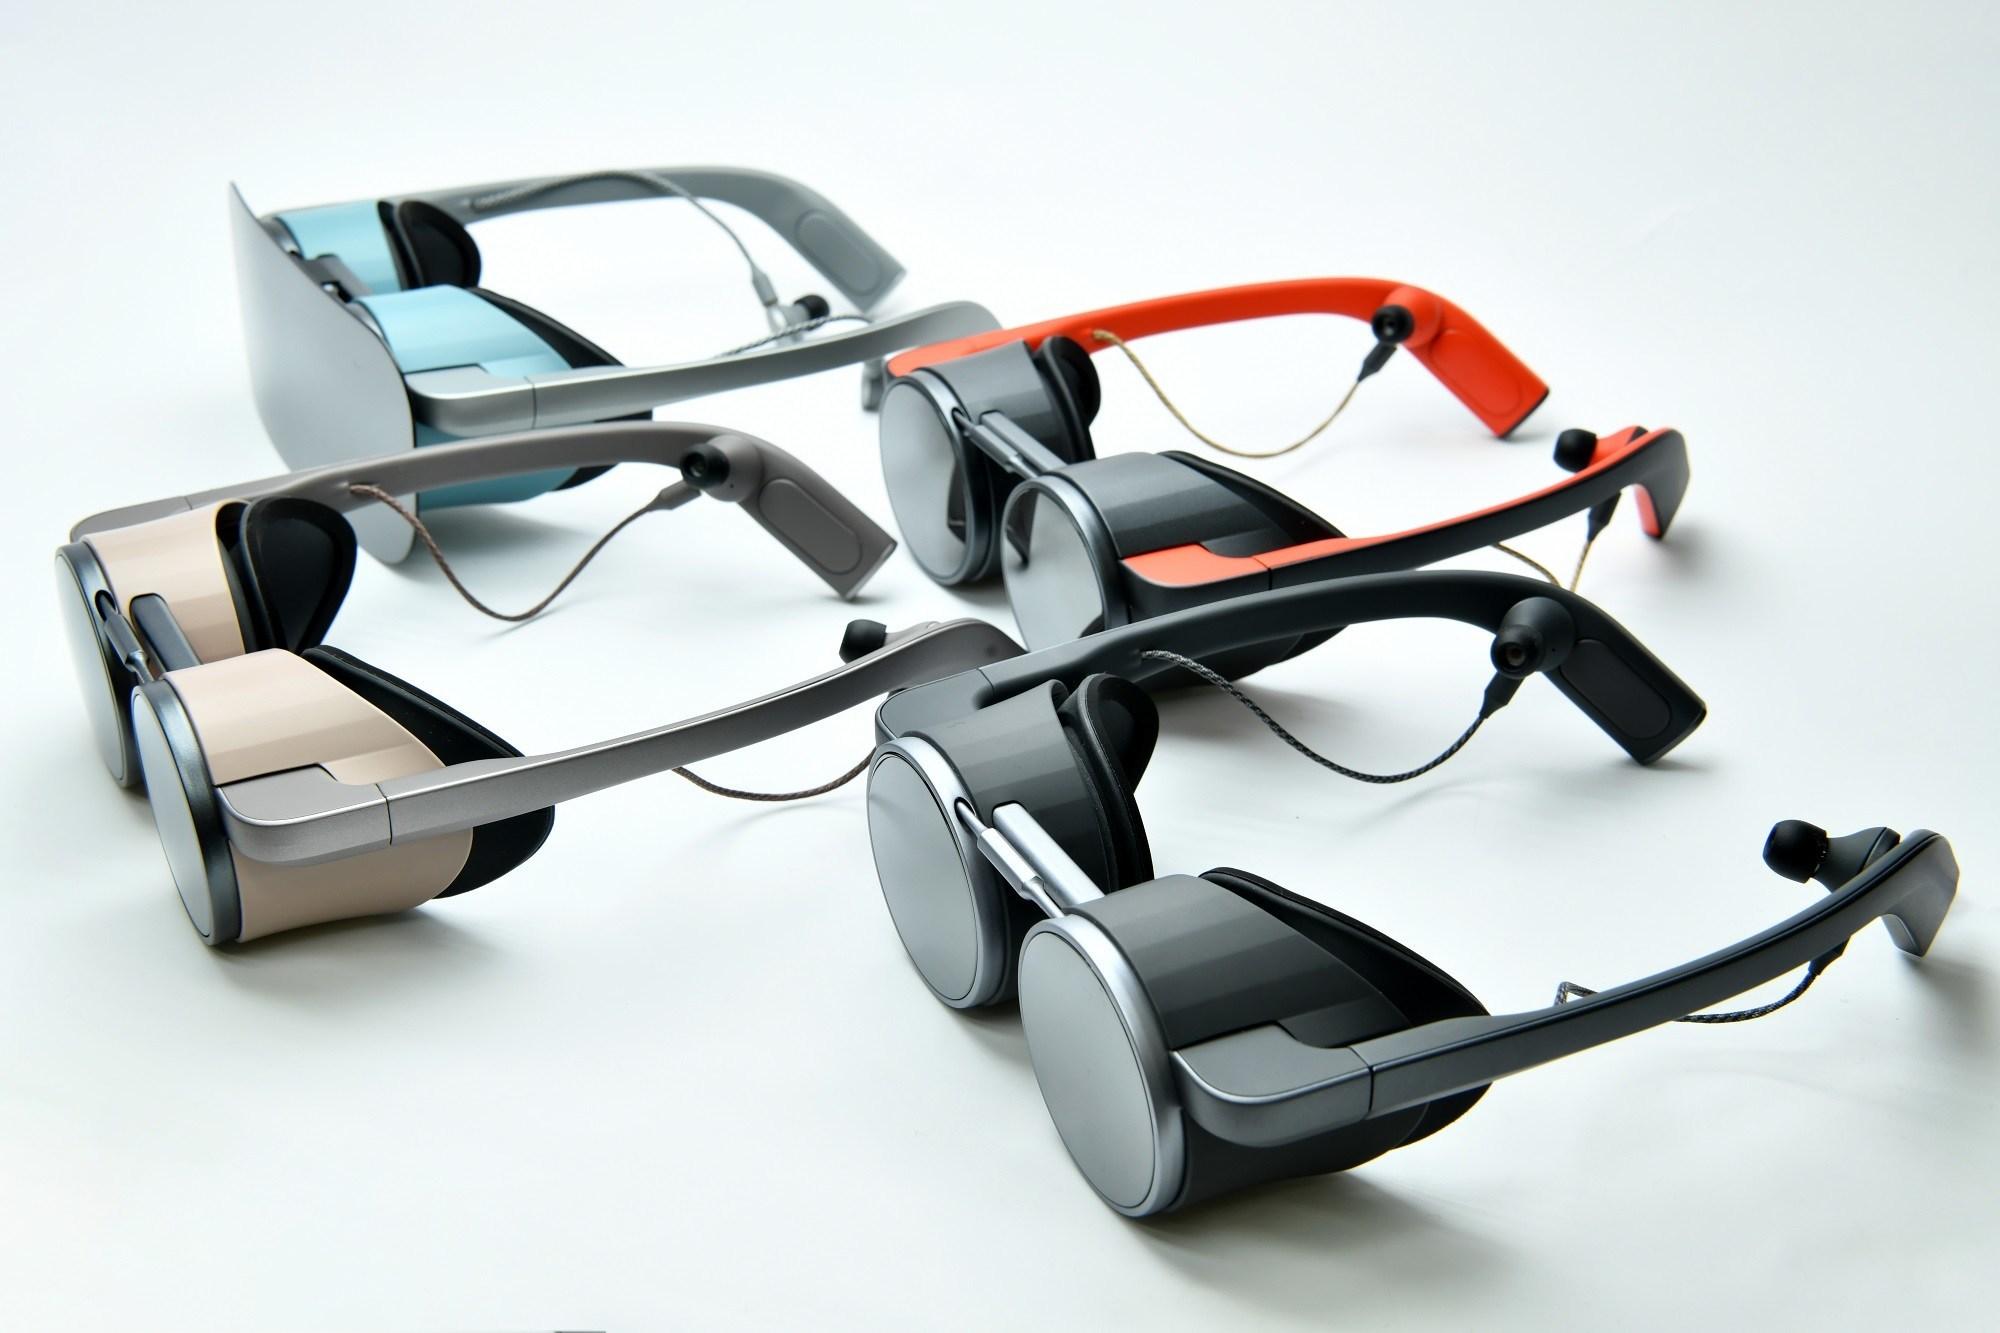 Panasonic enthüllt eine Virtual-Reality-Schutzbrille im Aviator-Stil